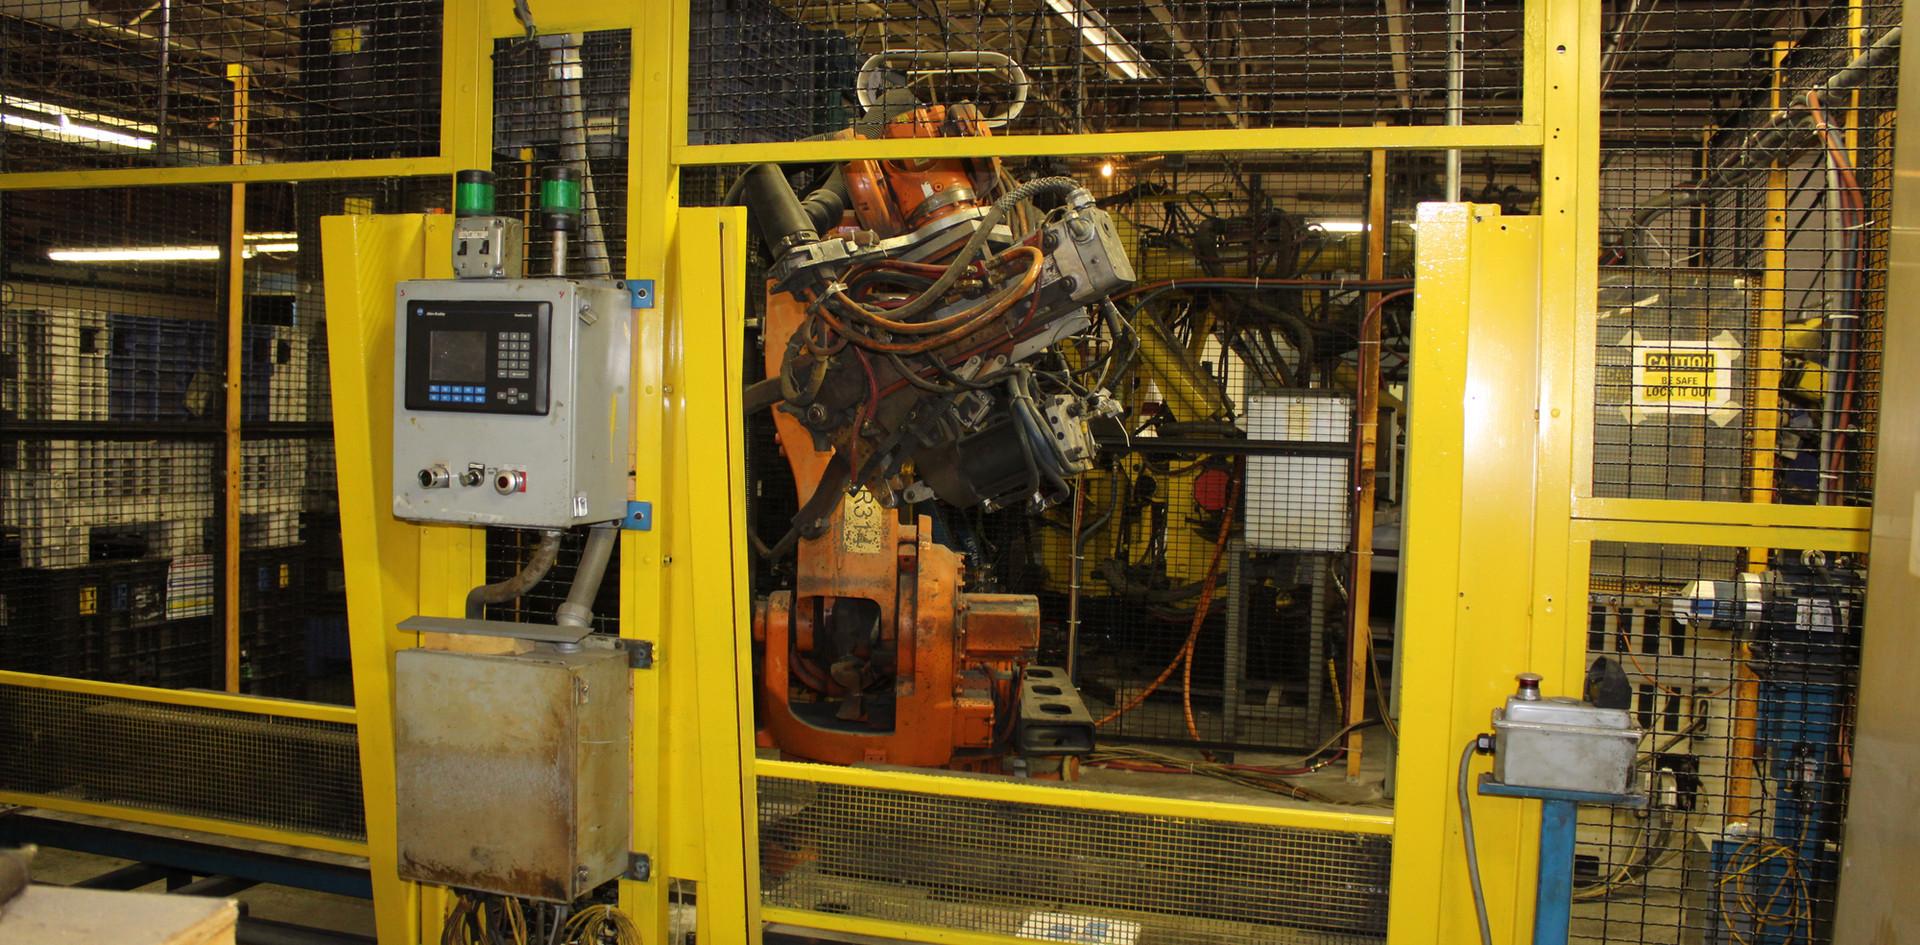 6-Axis Robotic Resistance Welding